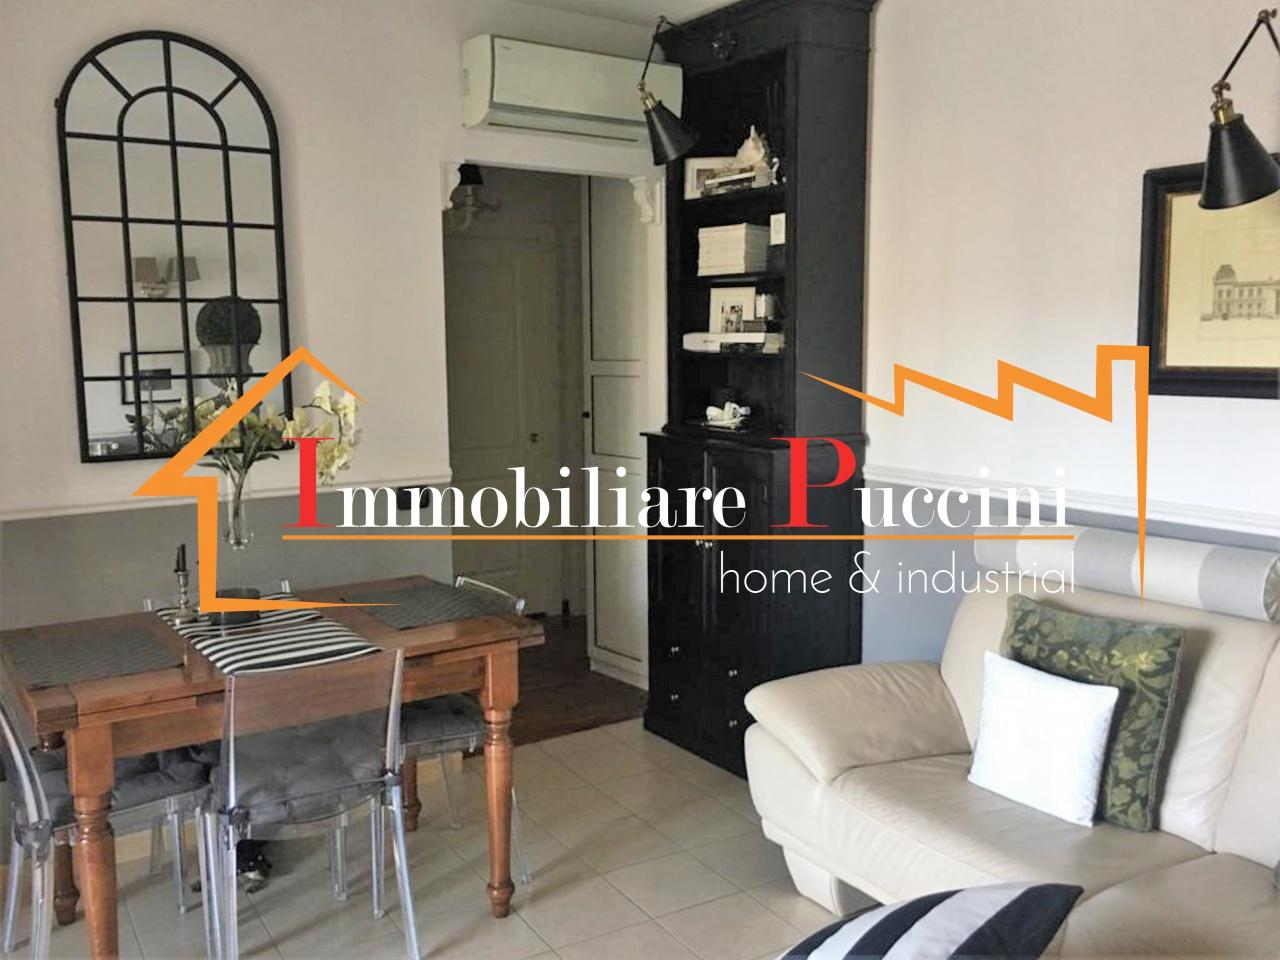 Appartamento in vendita a Calenzano, 3 locali, prezzo € 230.000 | CambioCasa.it